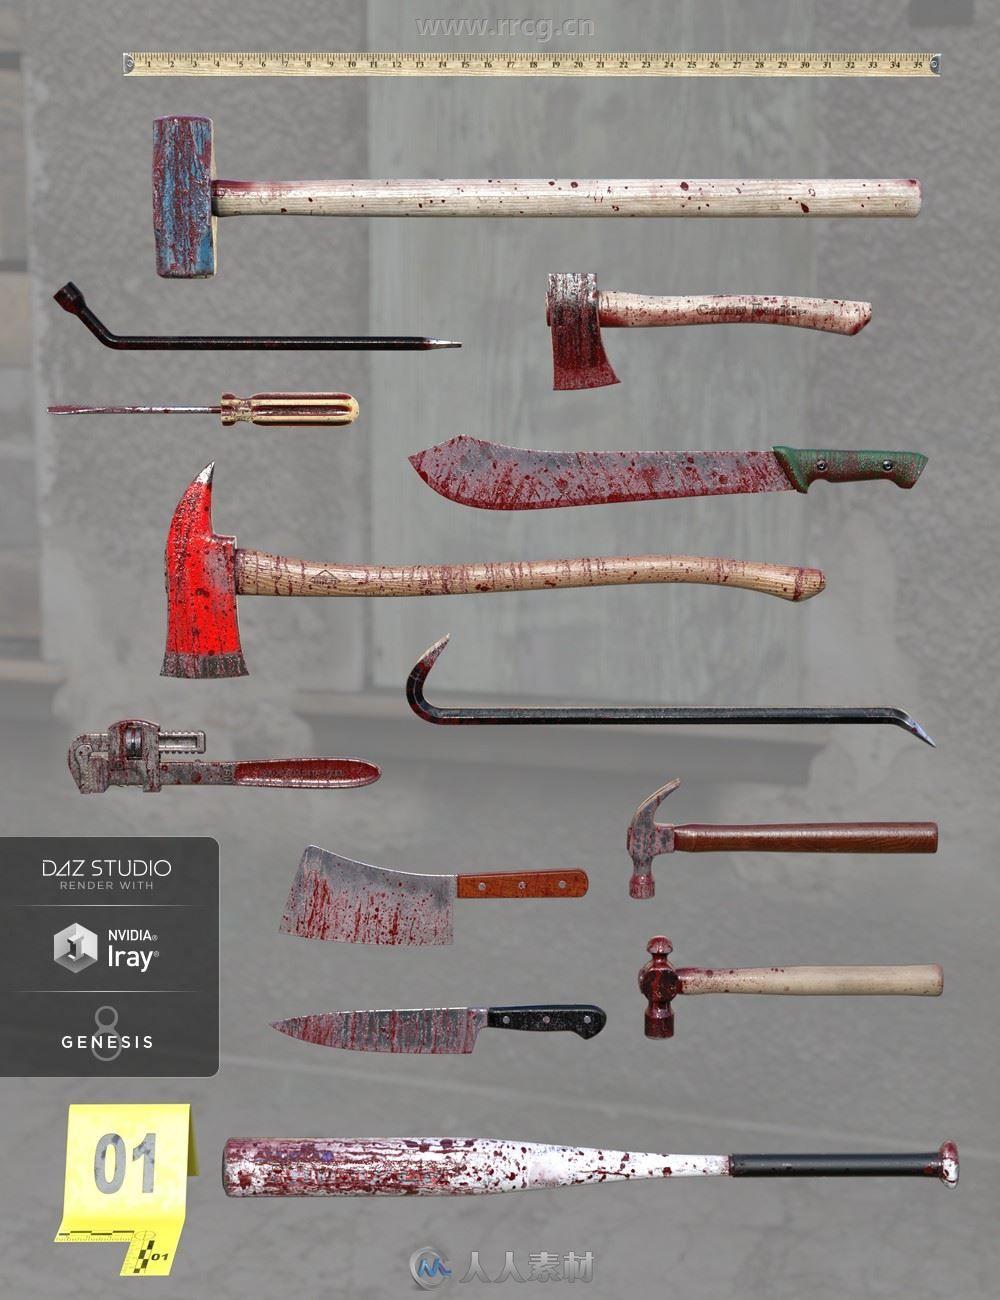 日常生活常用武器工具3D模型合集